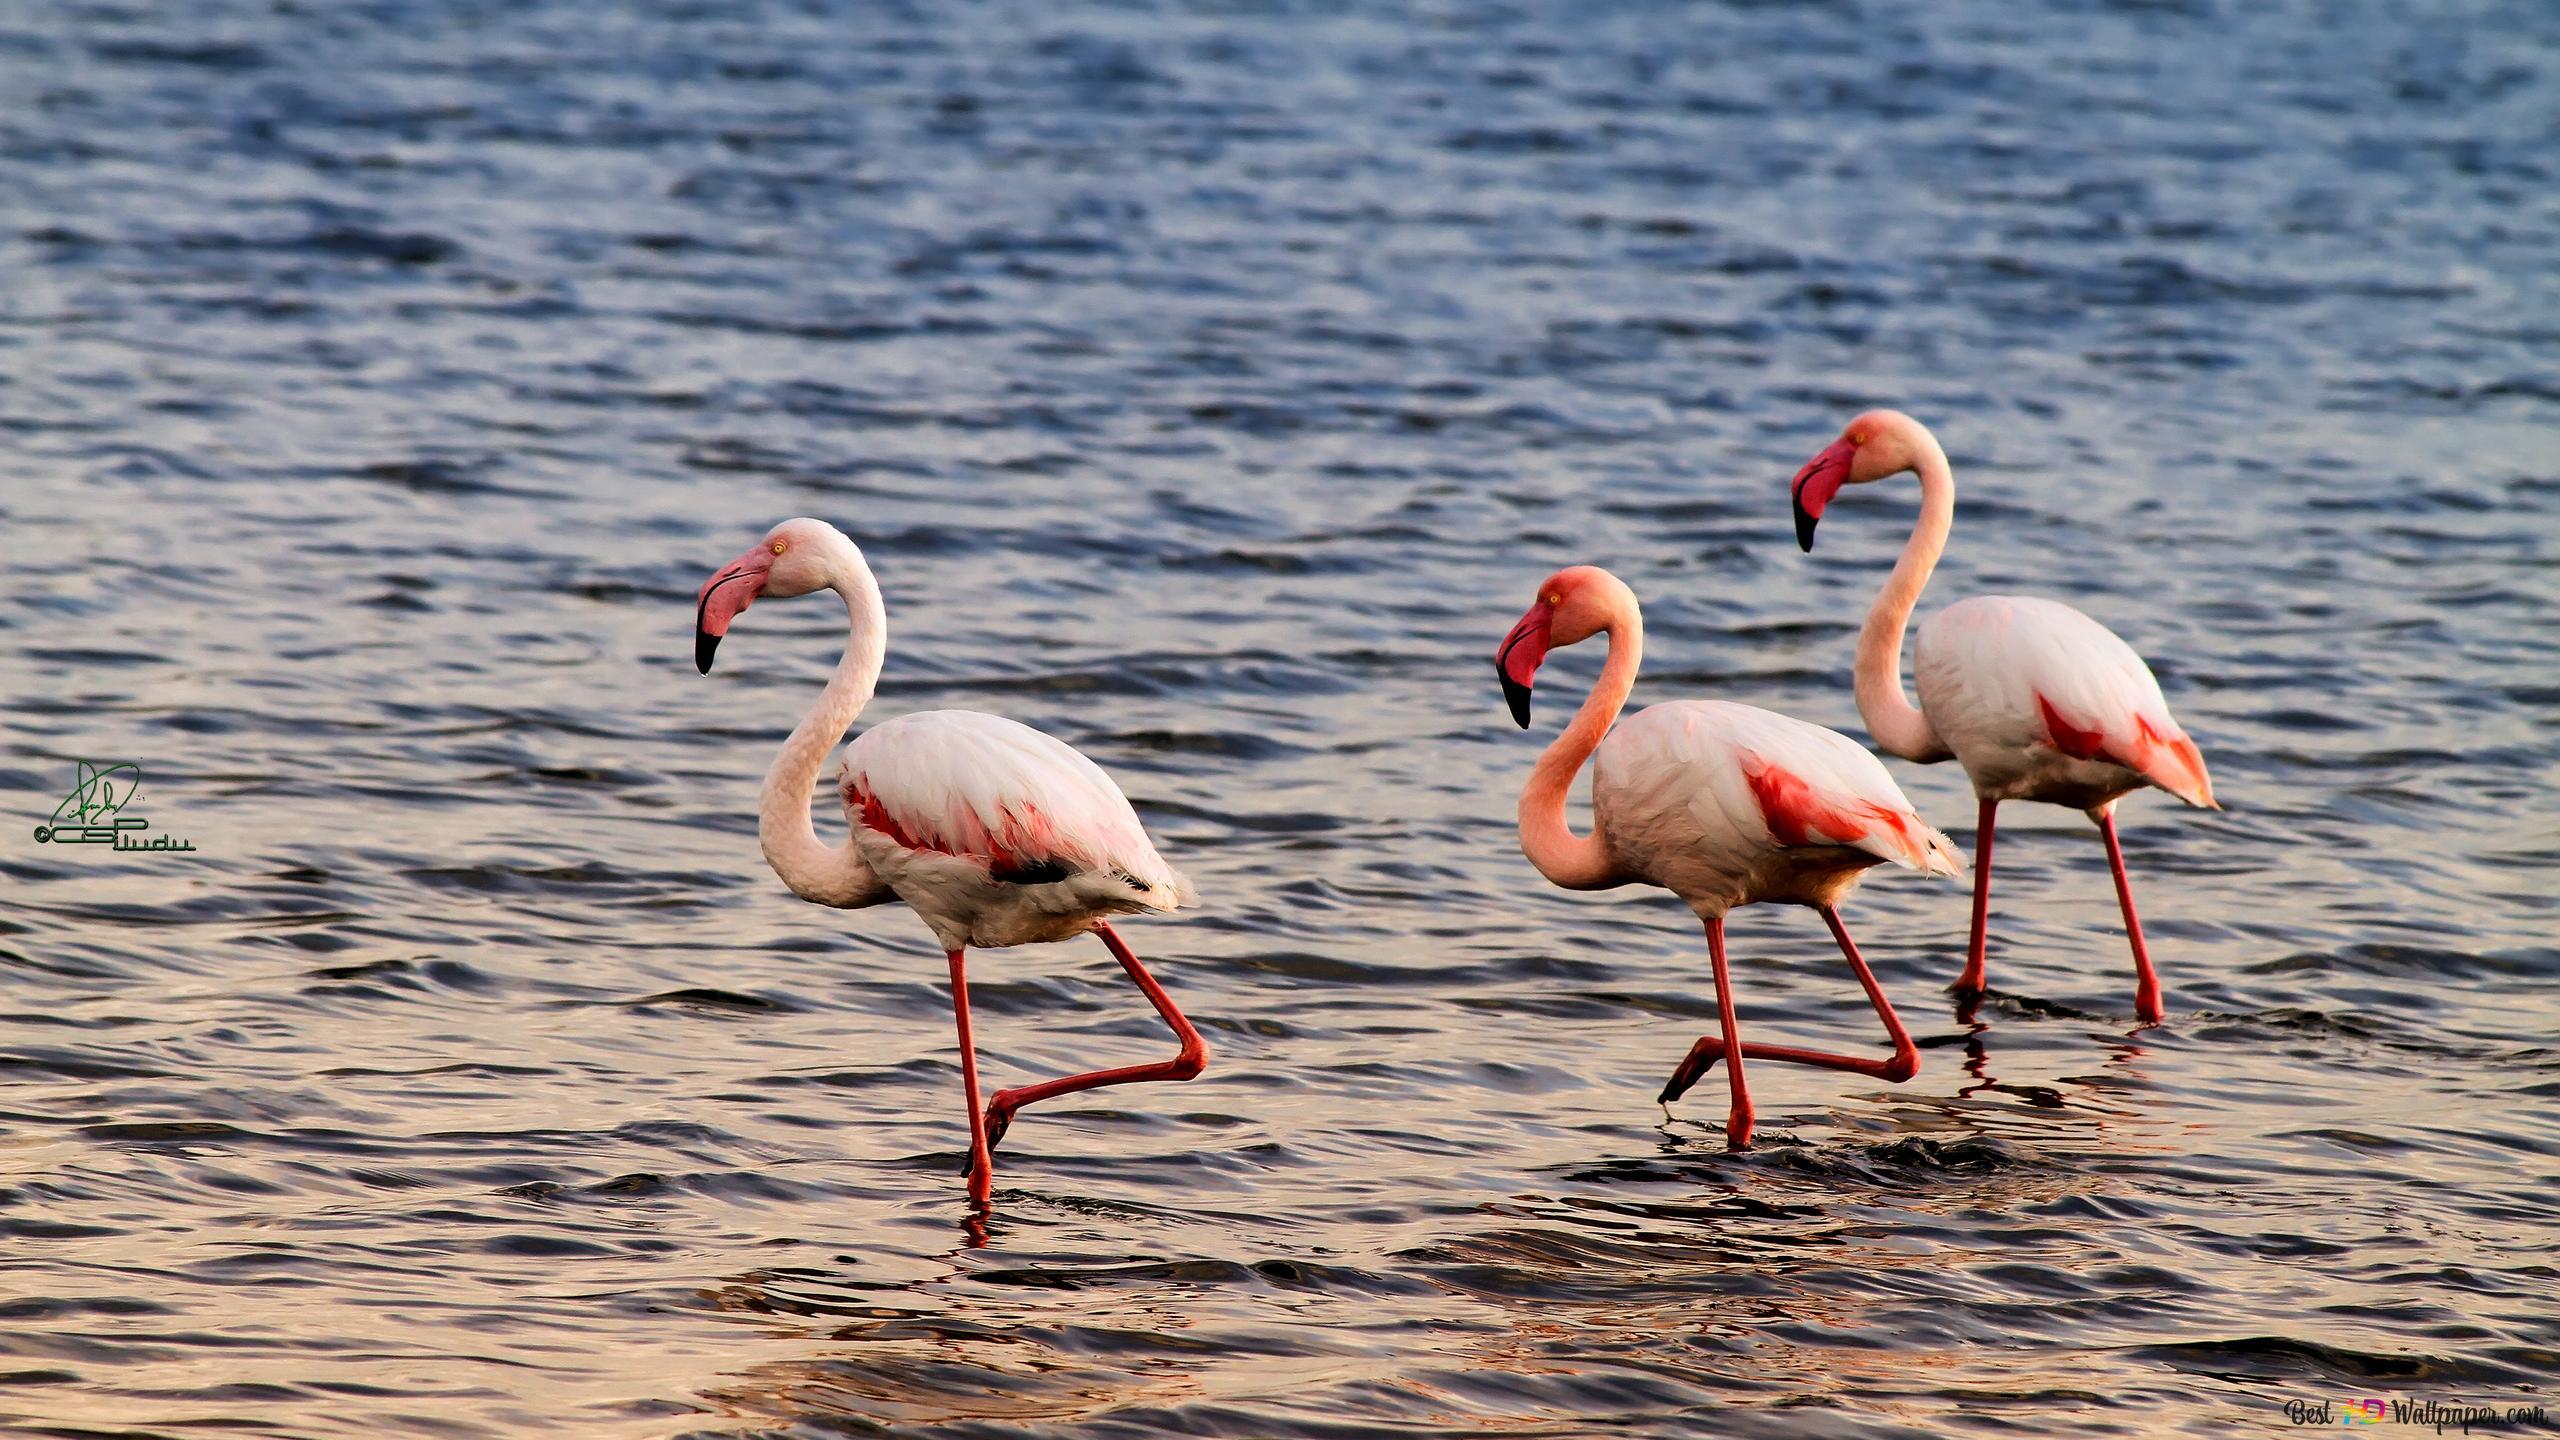 Flamingo Hd Wallpaper Download